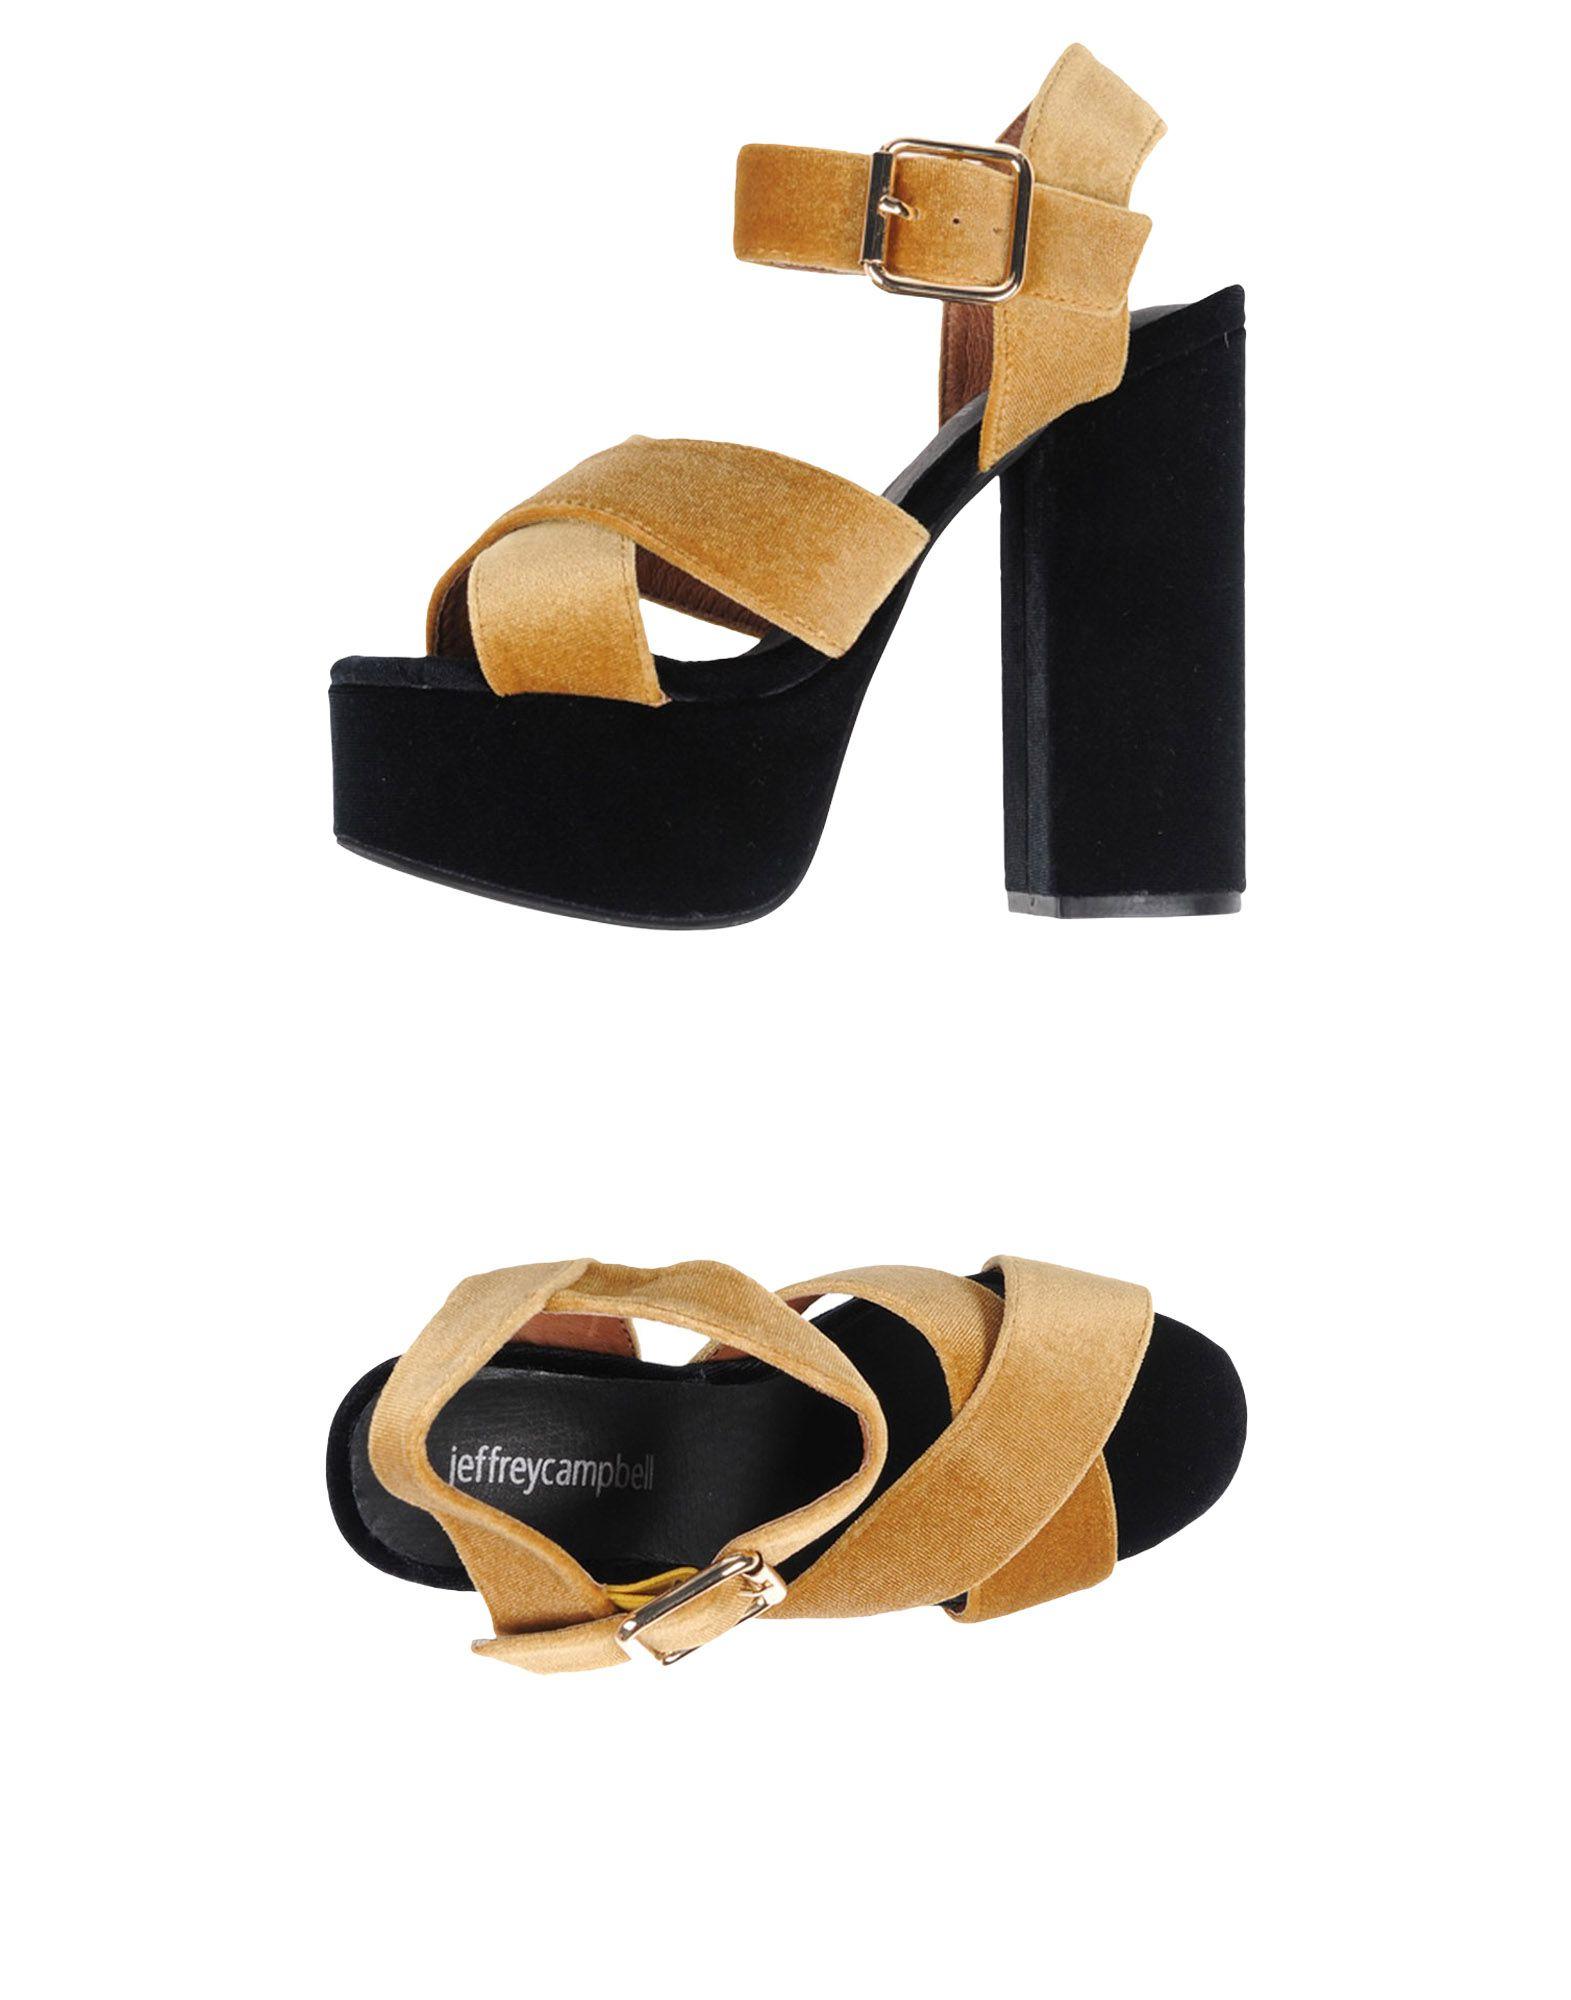 Jeffrey Campbell Sandalen Damen  11466998XU Gute Qualität beliebte Schuhe